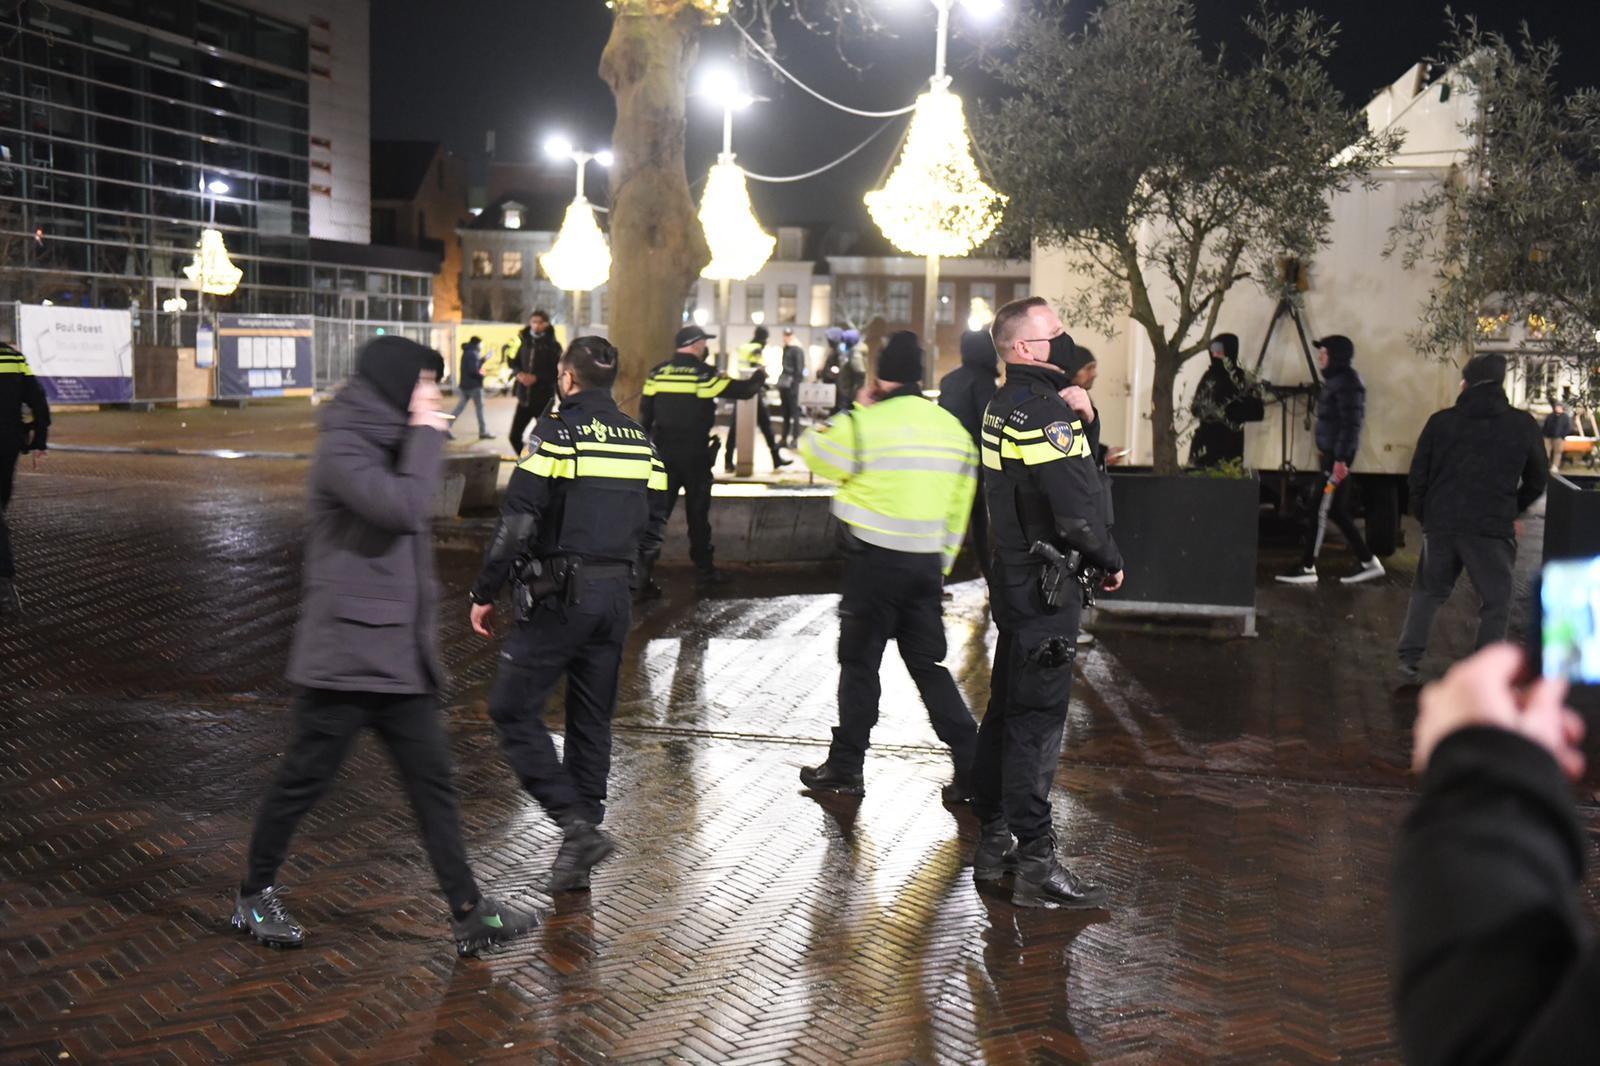 Tweehonderd demonstranten door politie verdreven uit het centrum van Alphen aan den Rijn